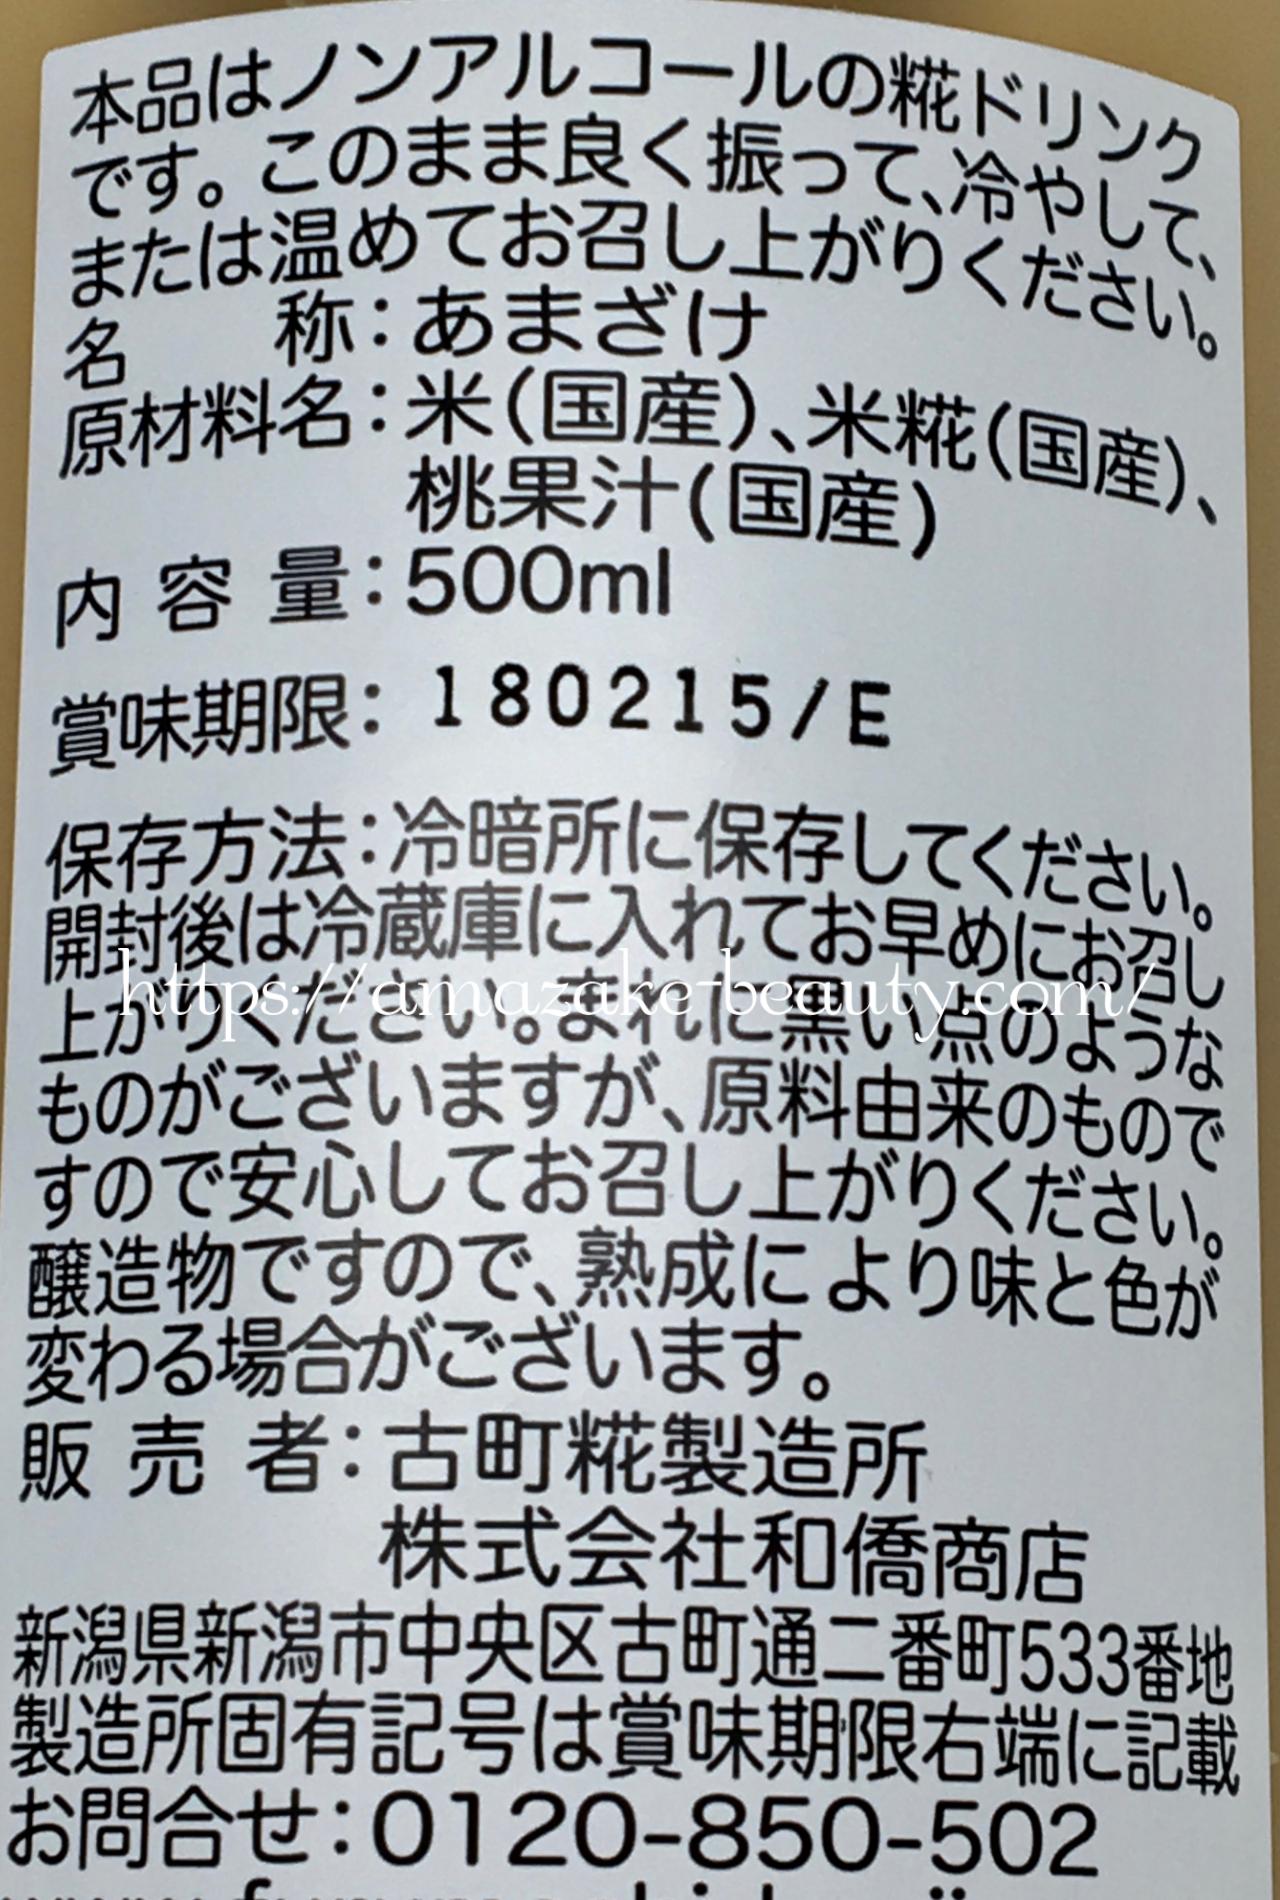 [amazake]furumachikojiseizosho[koji・hakuto](product description)